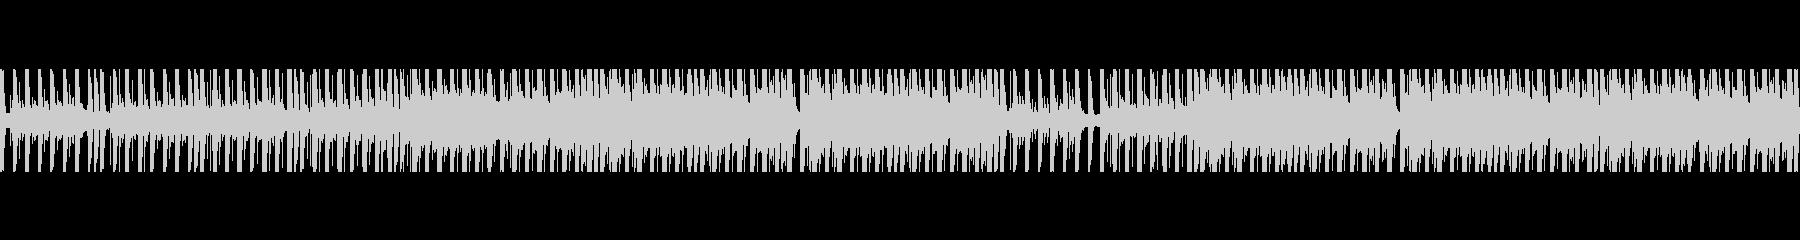 ループ、動画を邪魔しないシリアスEDMの未再生の波形